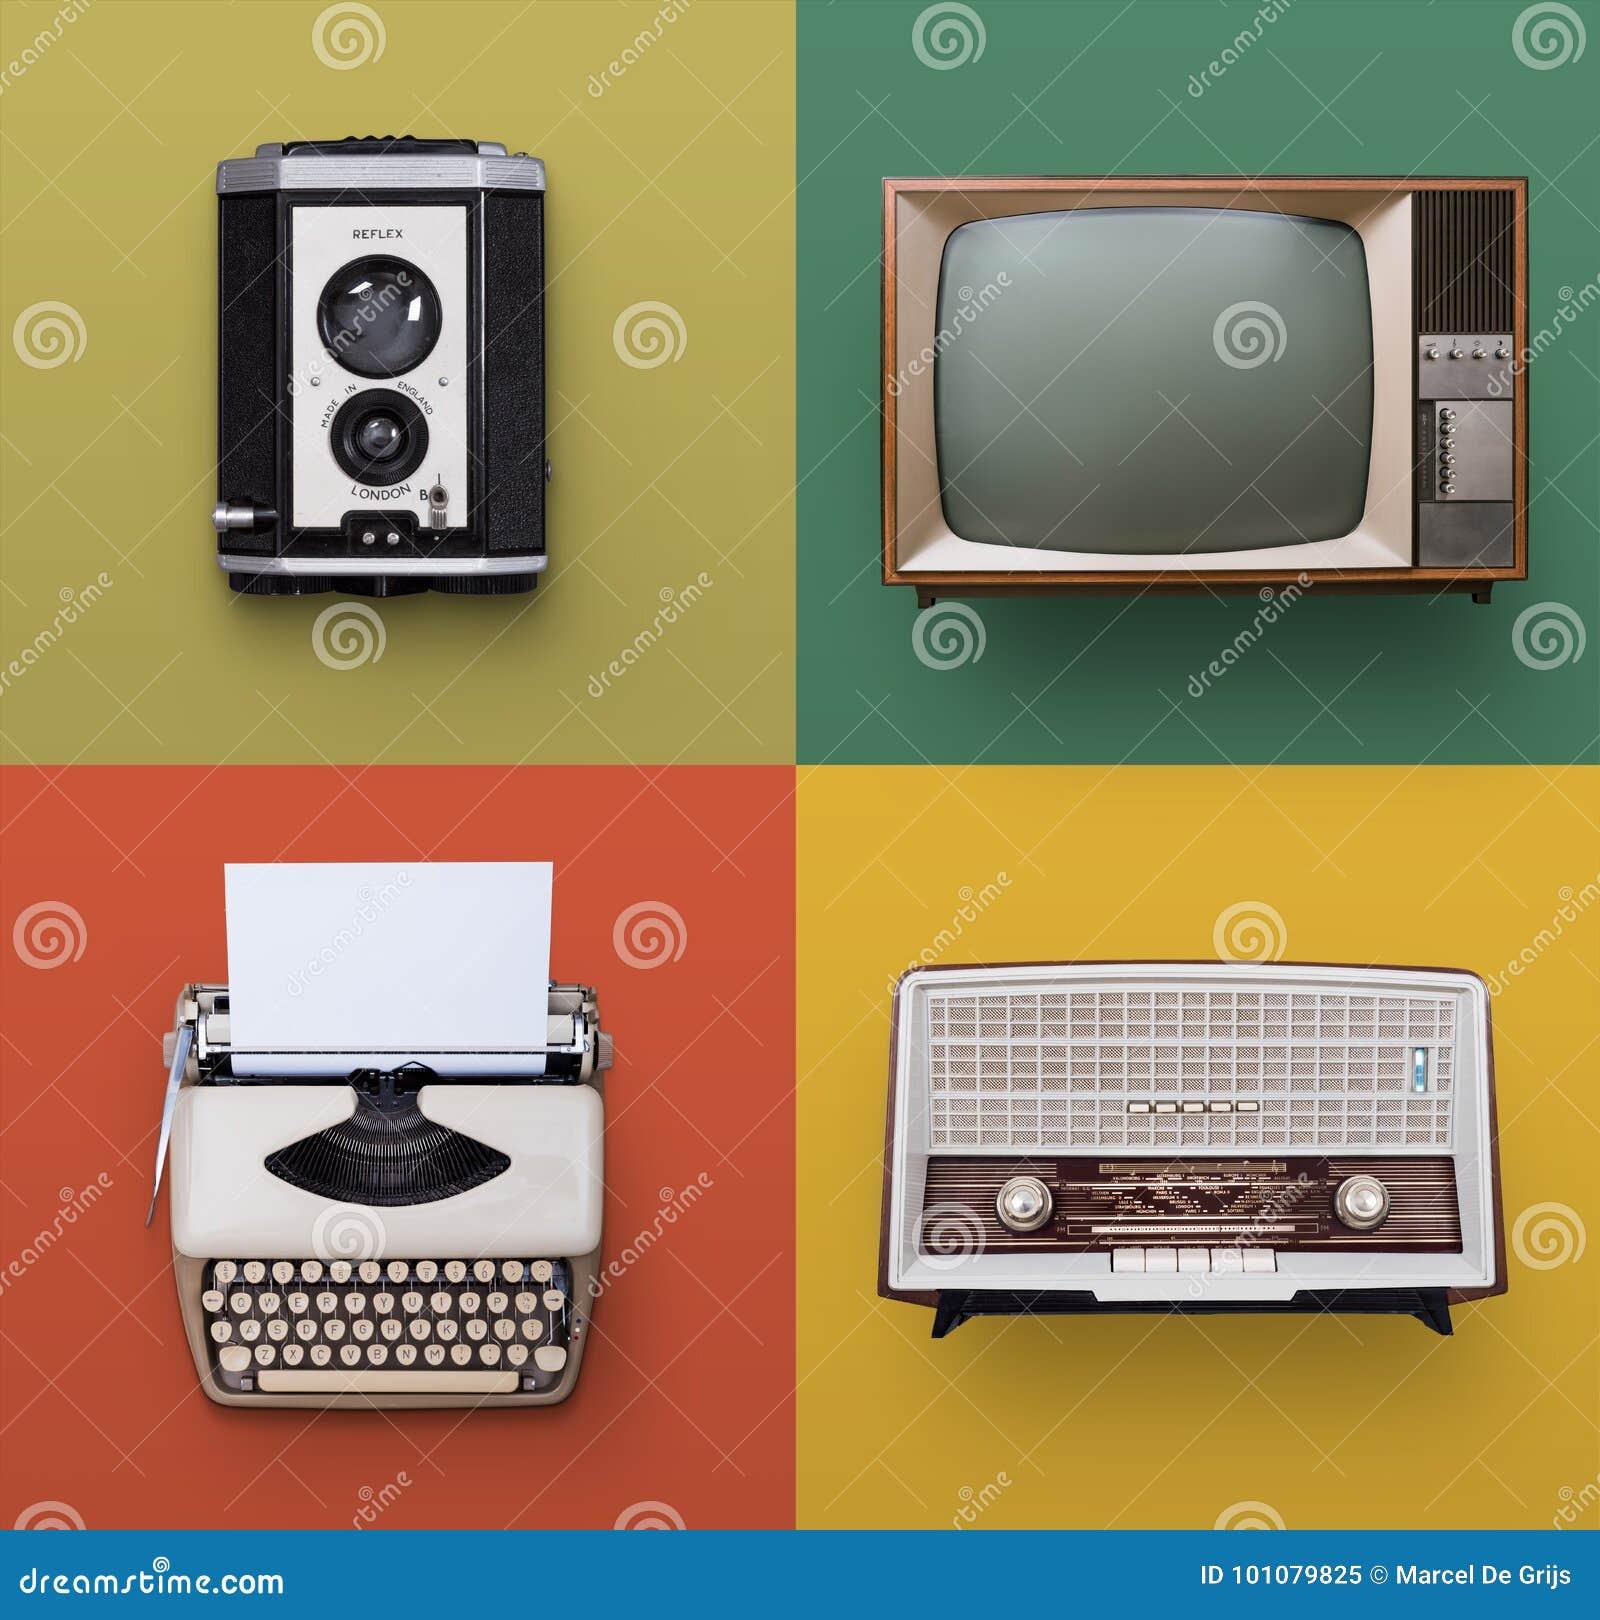 Retro electronics set